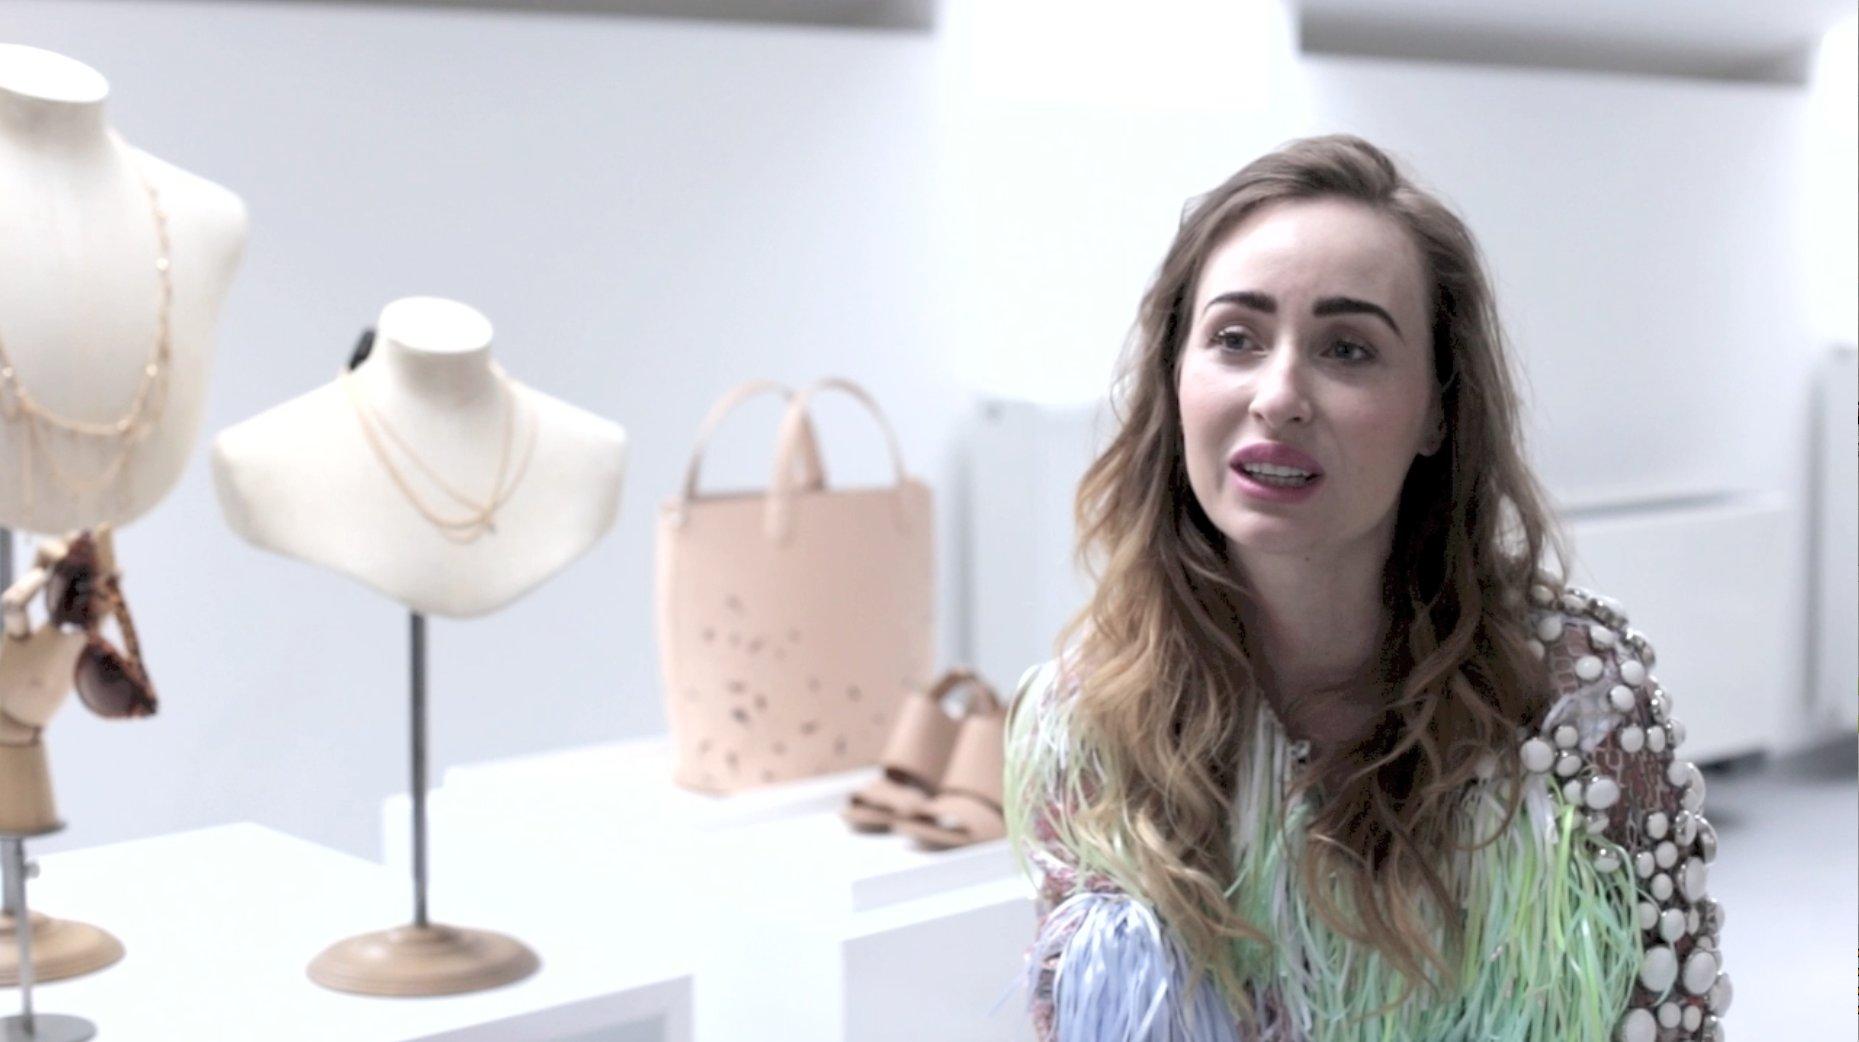 fccaabd70d Porady stylistek. Zobacz wideo - Elle.pl - trendy wiosna lato 2019  moda